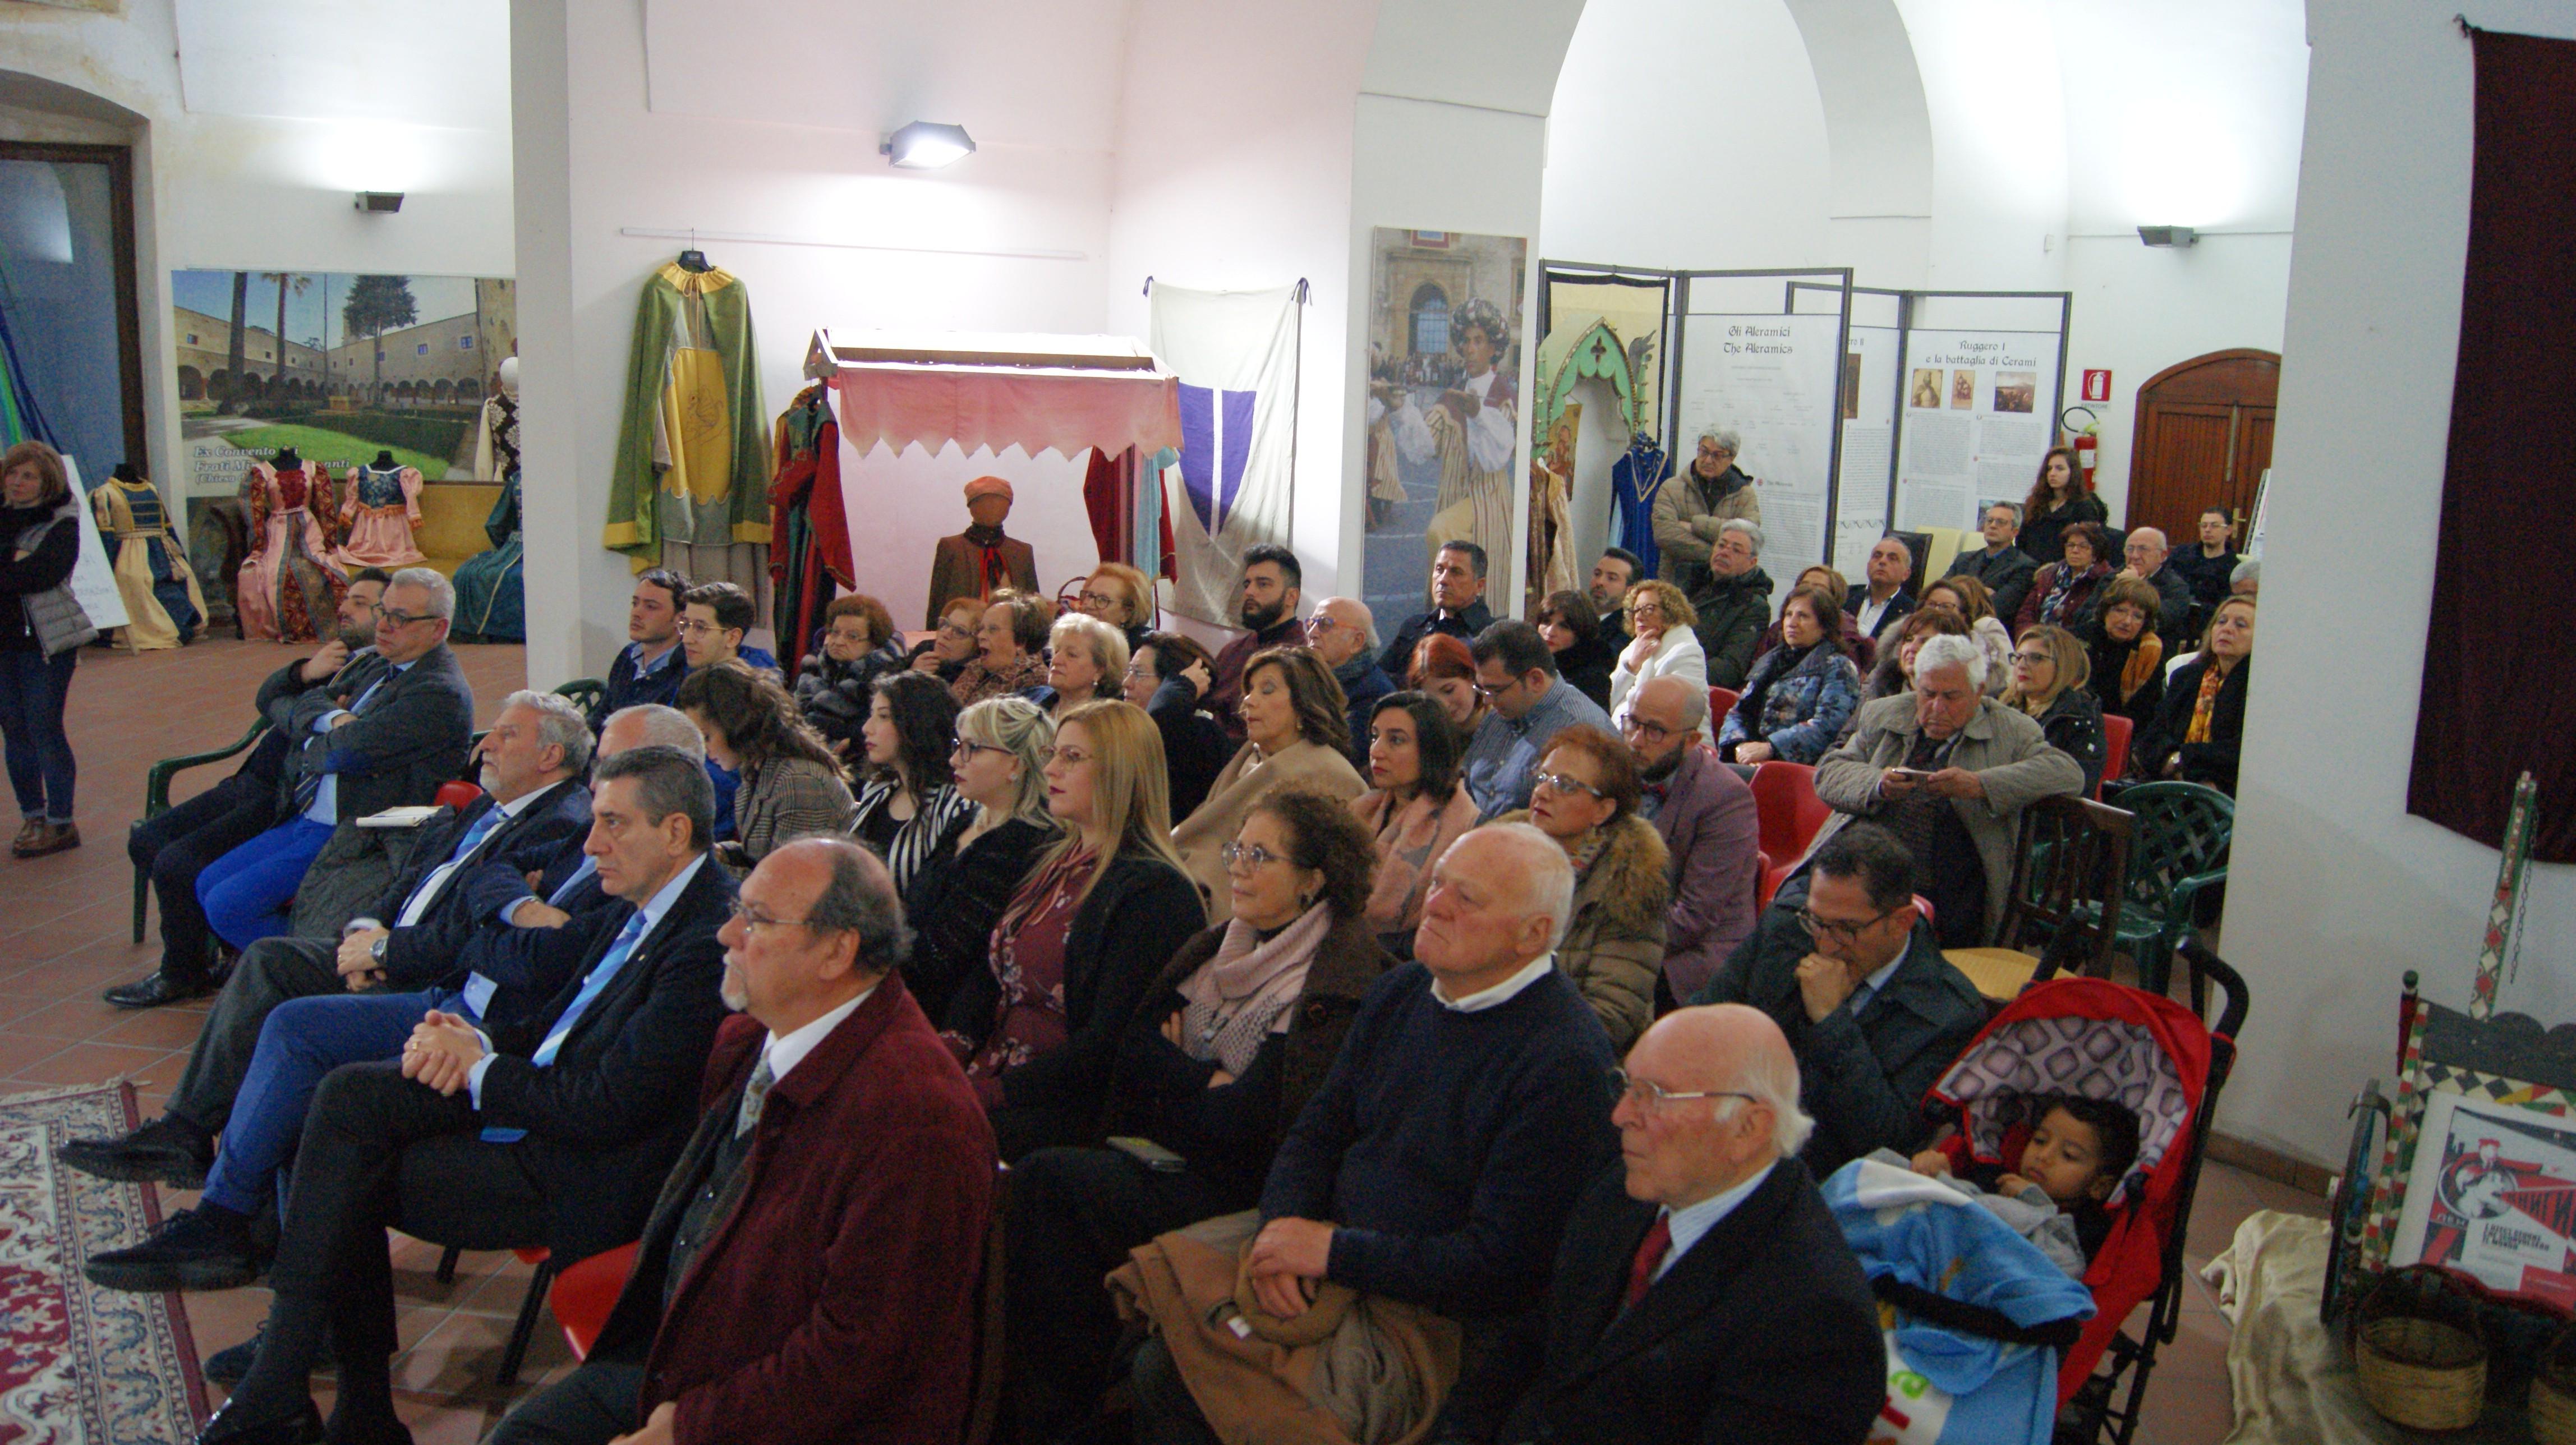 Interclub Gela e Piazza Armerina sabato scorso hanno discusso di beni culturali e turismo